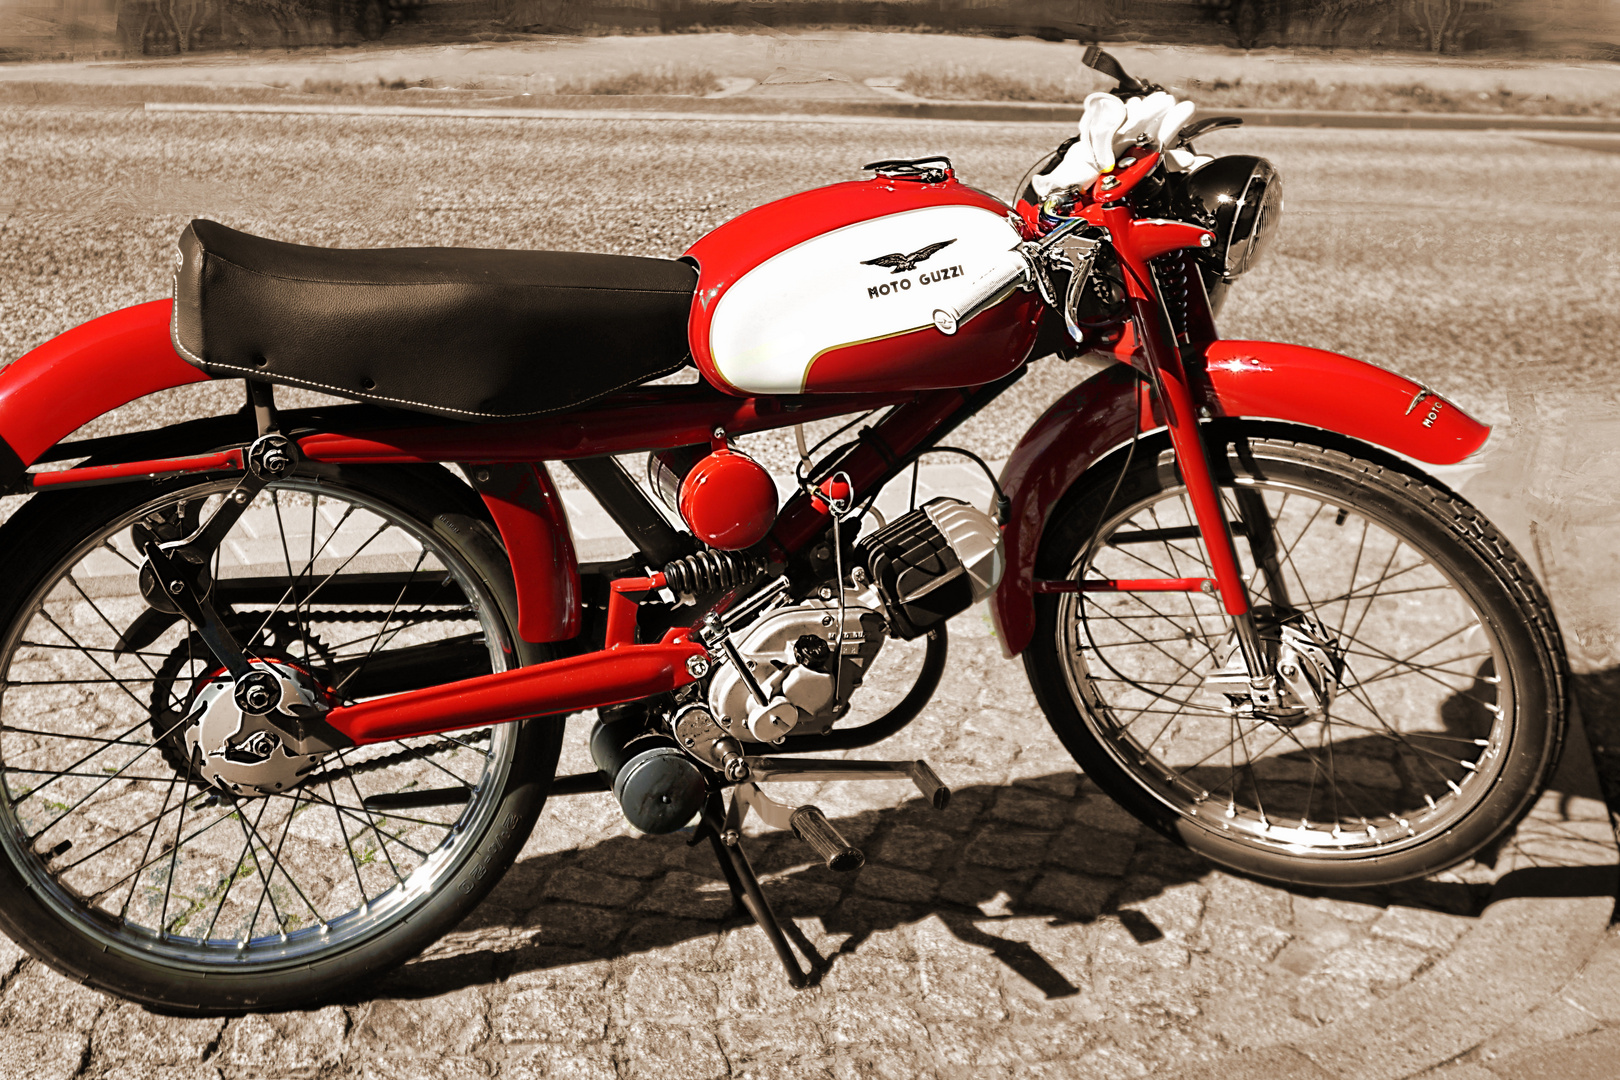 """Wie Dazumal - Eine """"Moto Guzzi Cardelino Lusso"""""""